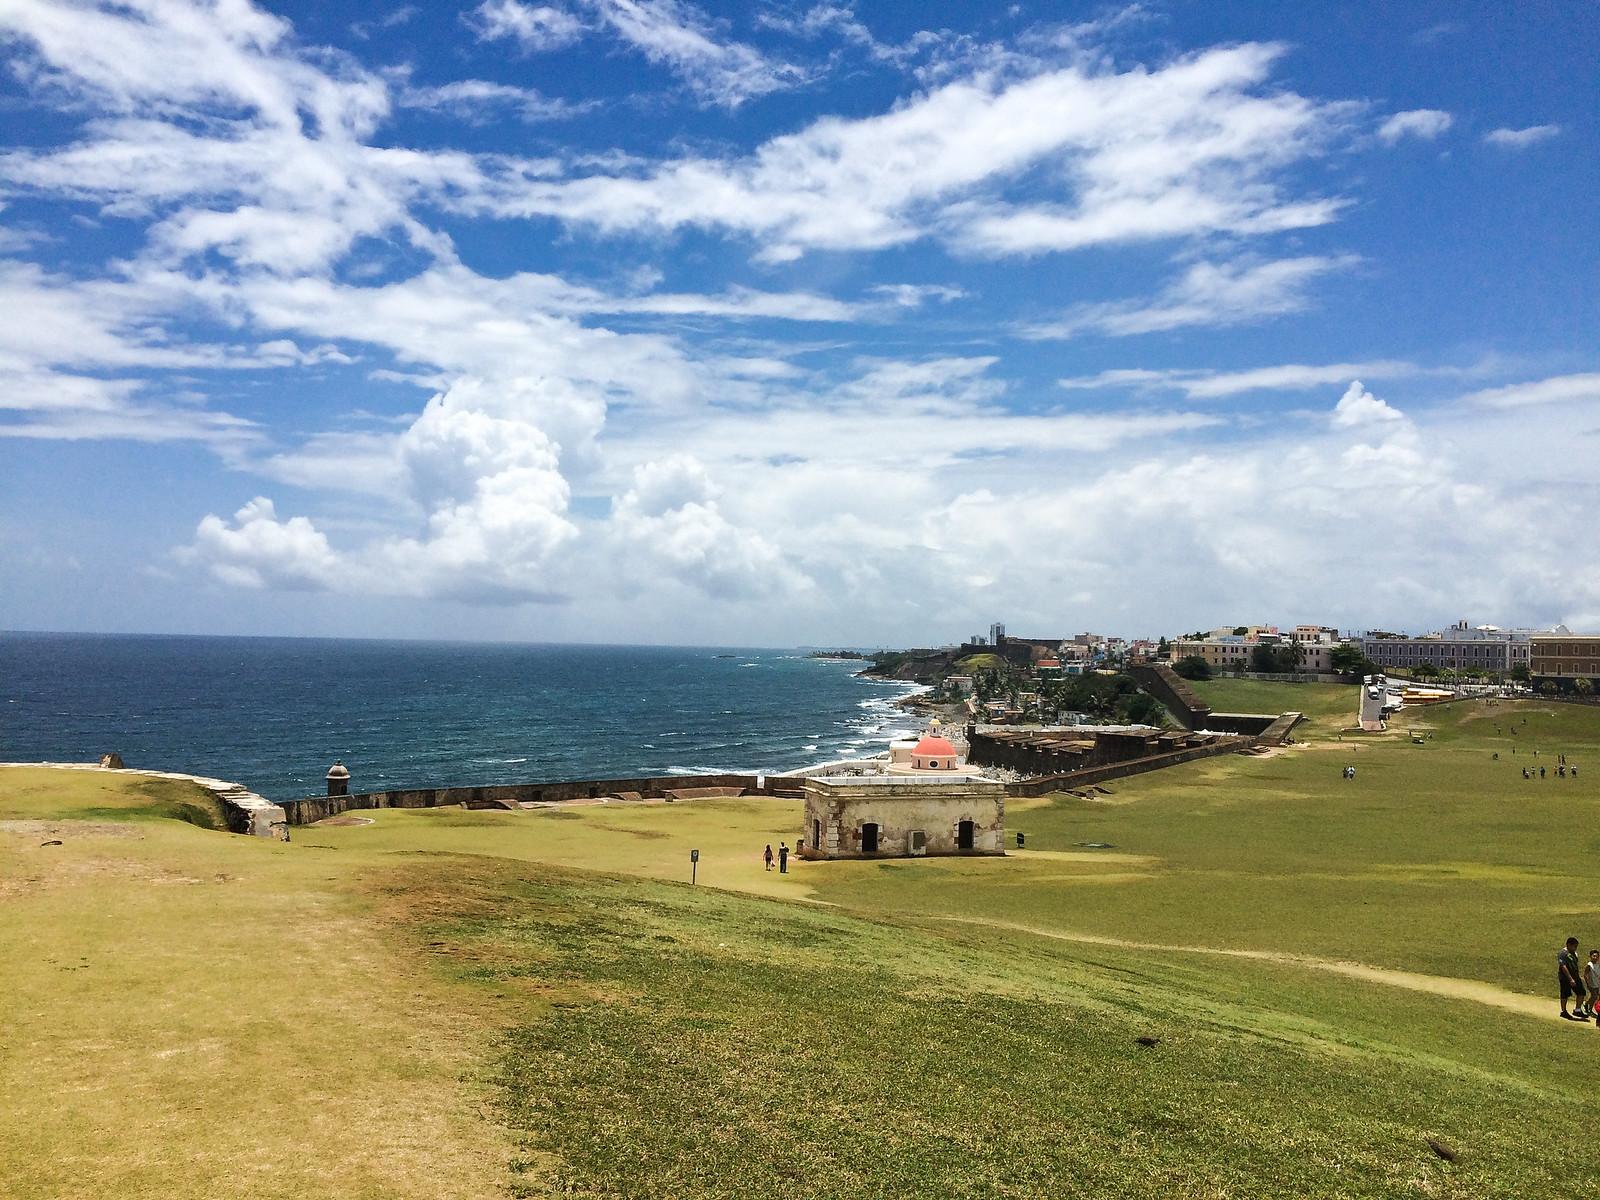 Puerto Rico Weekend Trip